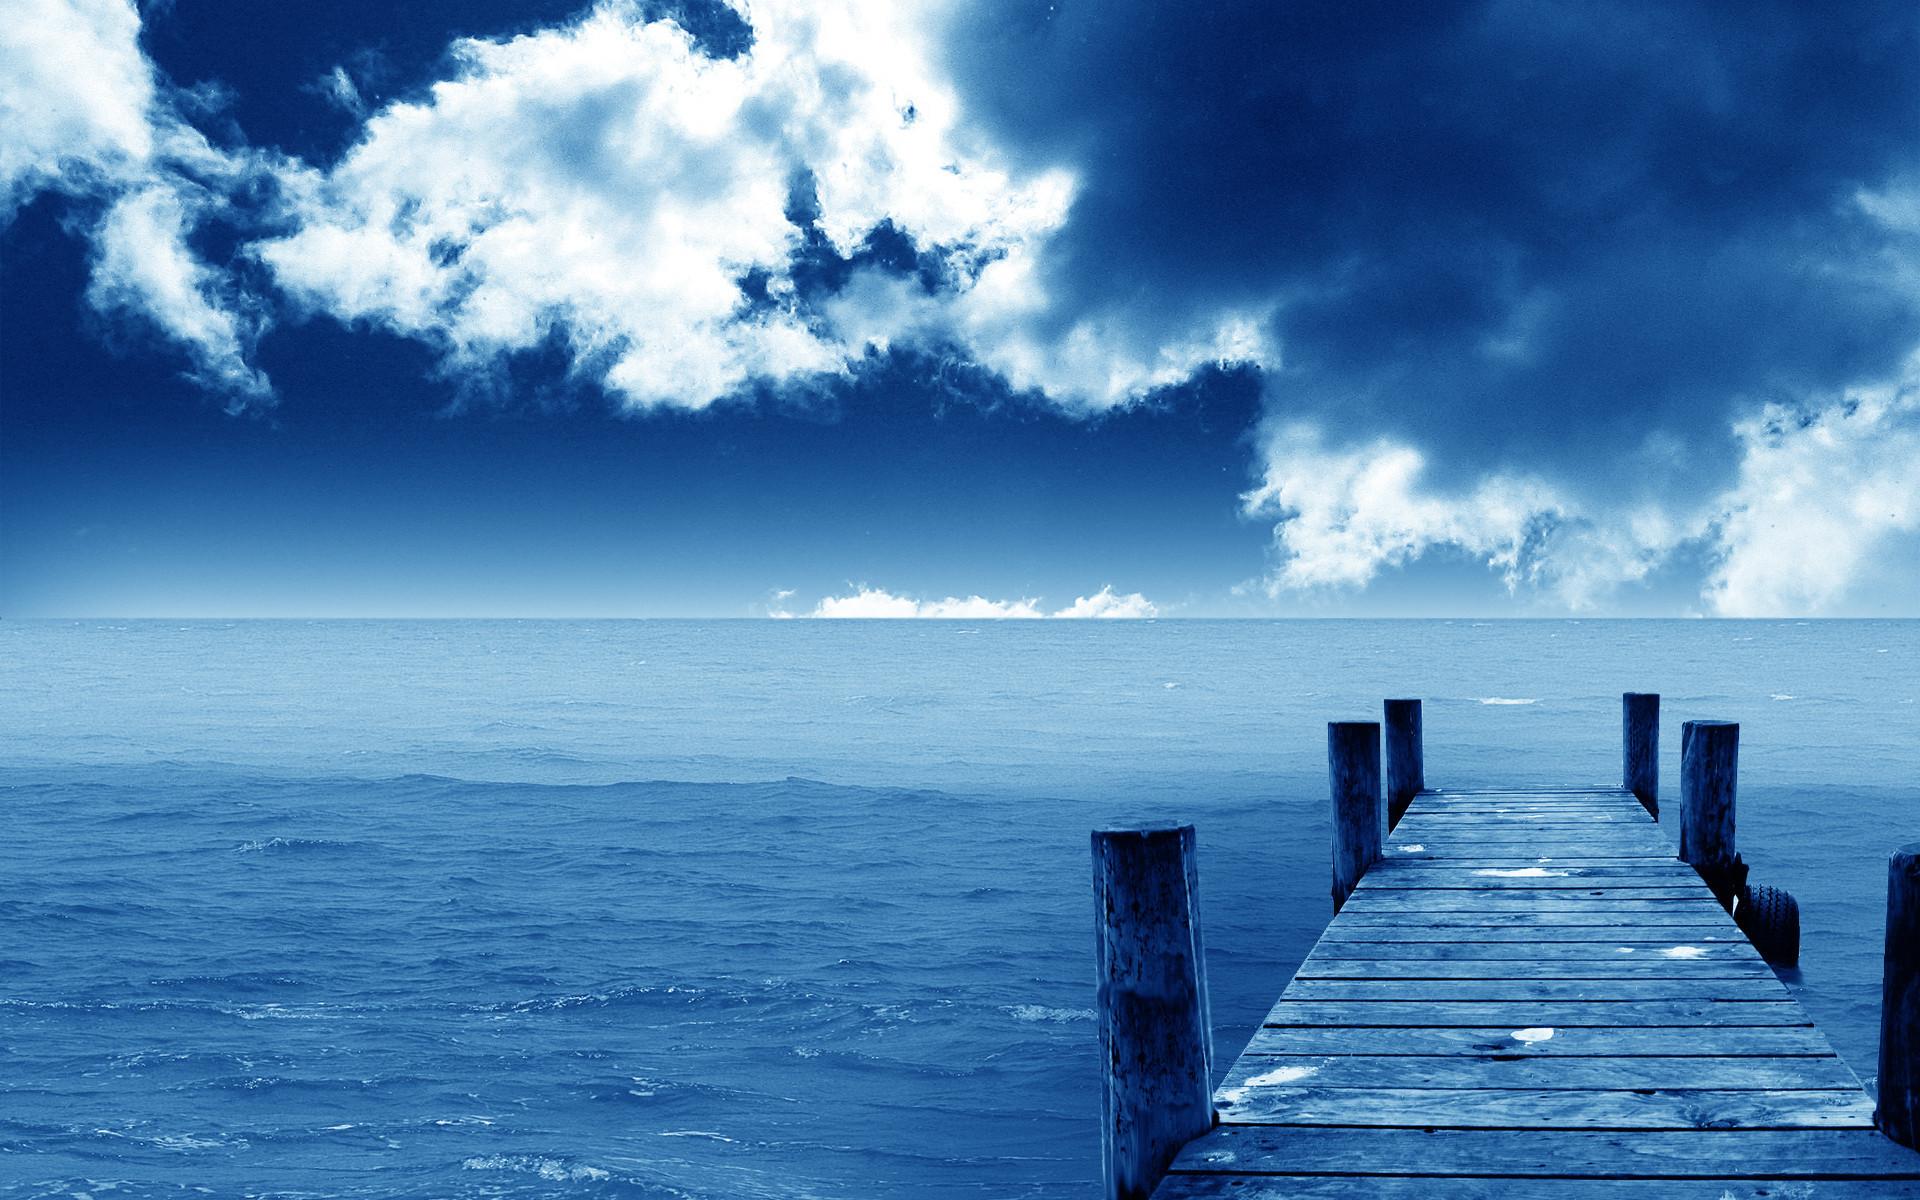 20741 скачать обои Пейзаж, Небо, Море, Облака - заставки и картинки бесплатно